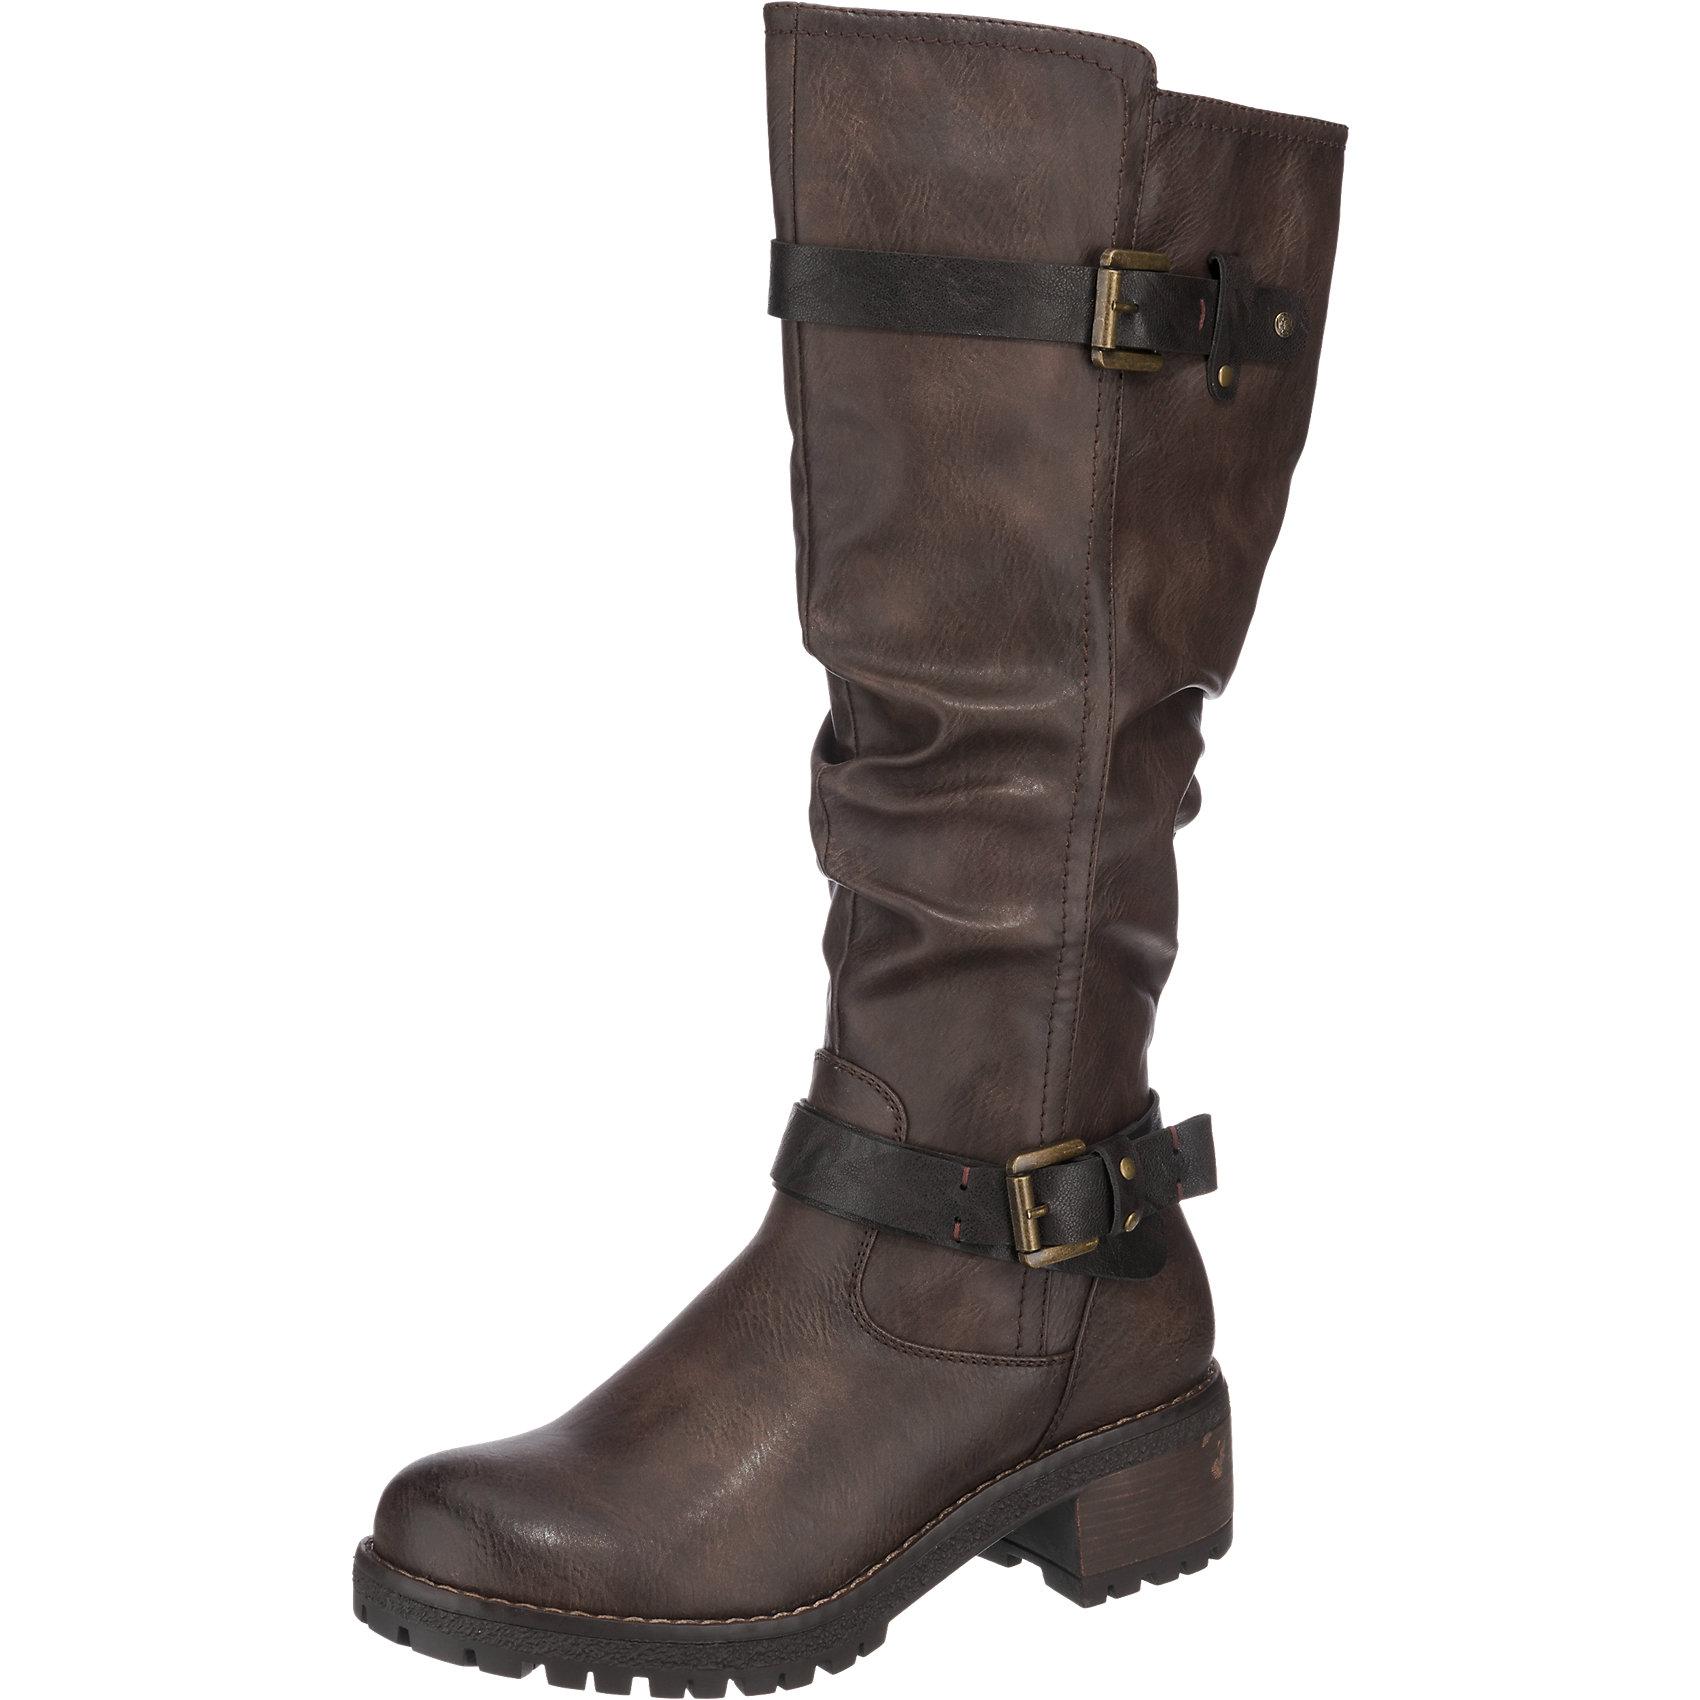 Neu H.I.S. Stiefel 7020457 für Damen schwarz braun